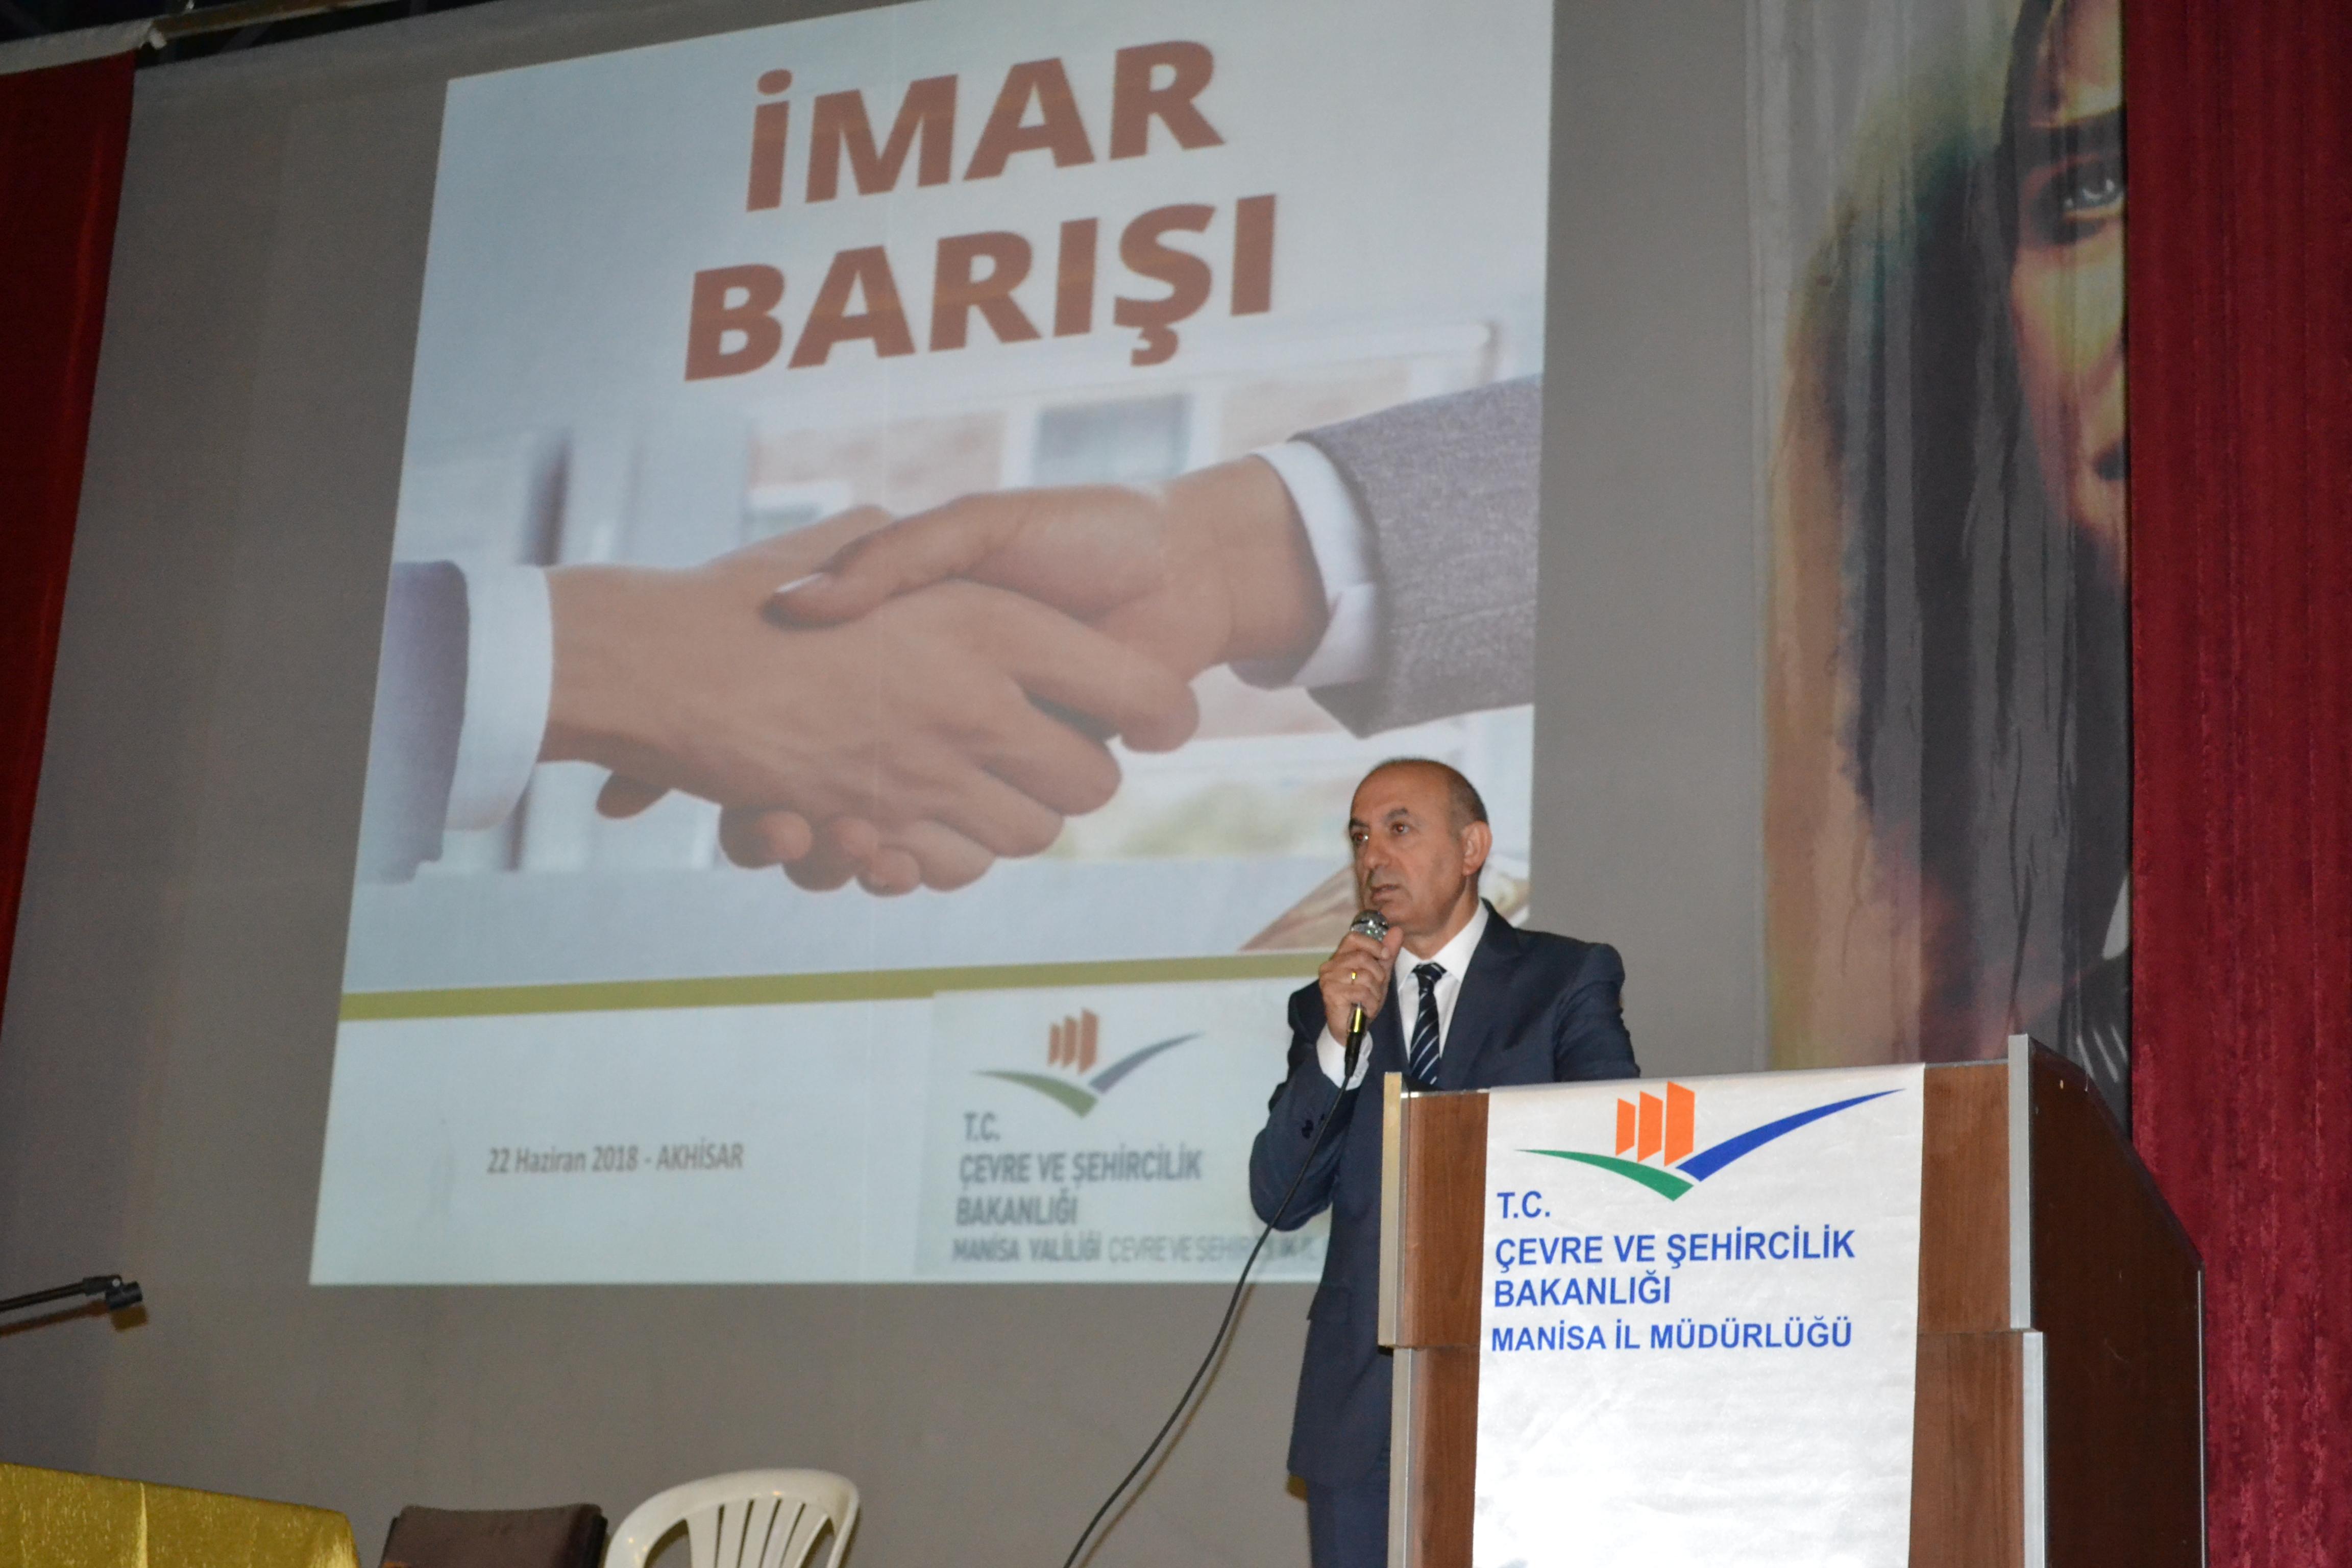 İmar Barışı:  Akhisar, Gölmarmara, Kırkağaç, Soma ve Gördes İlçesine Bilgilendirme Toplantısı Yapıldı